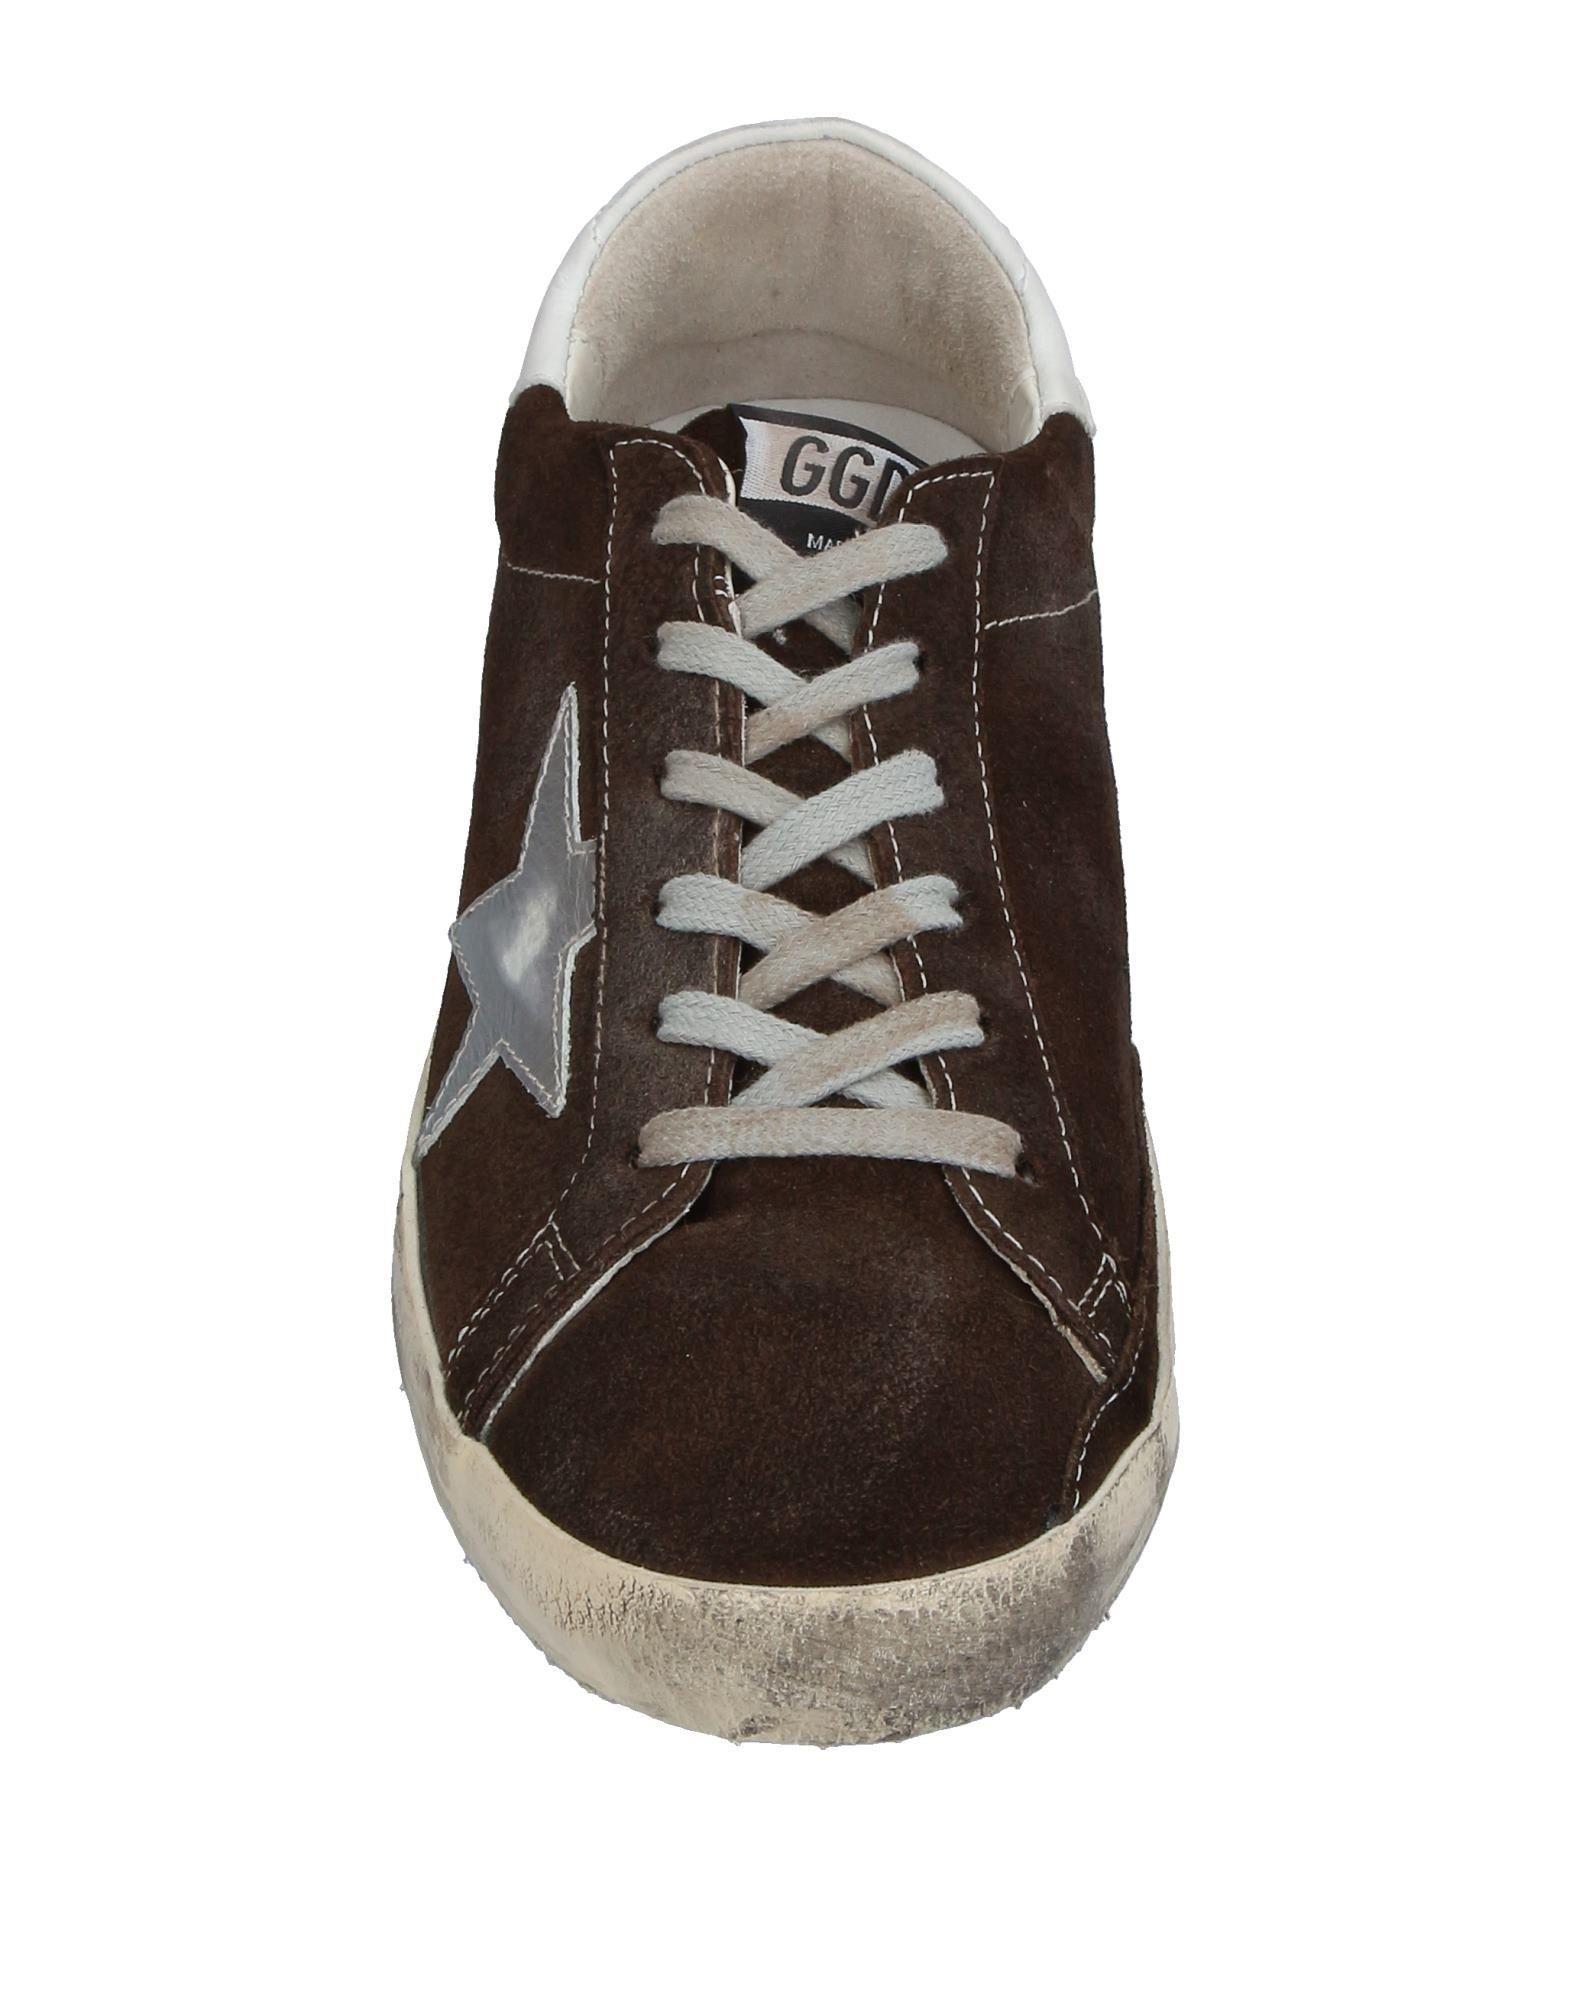 Golden Goose Deluxe Brand Leather Low-tops & Sneakers in Dark Brown (Brown)